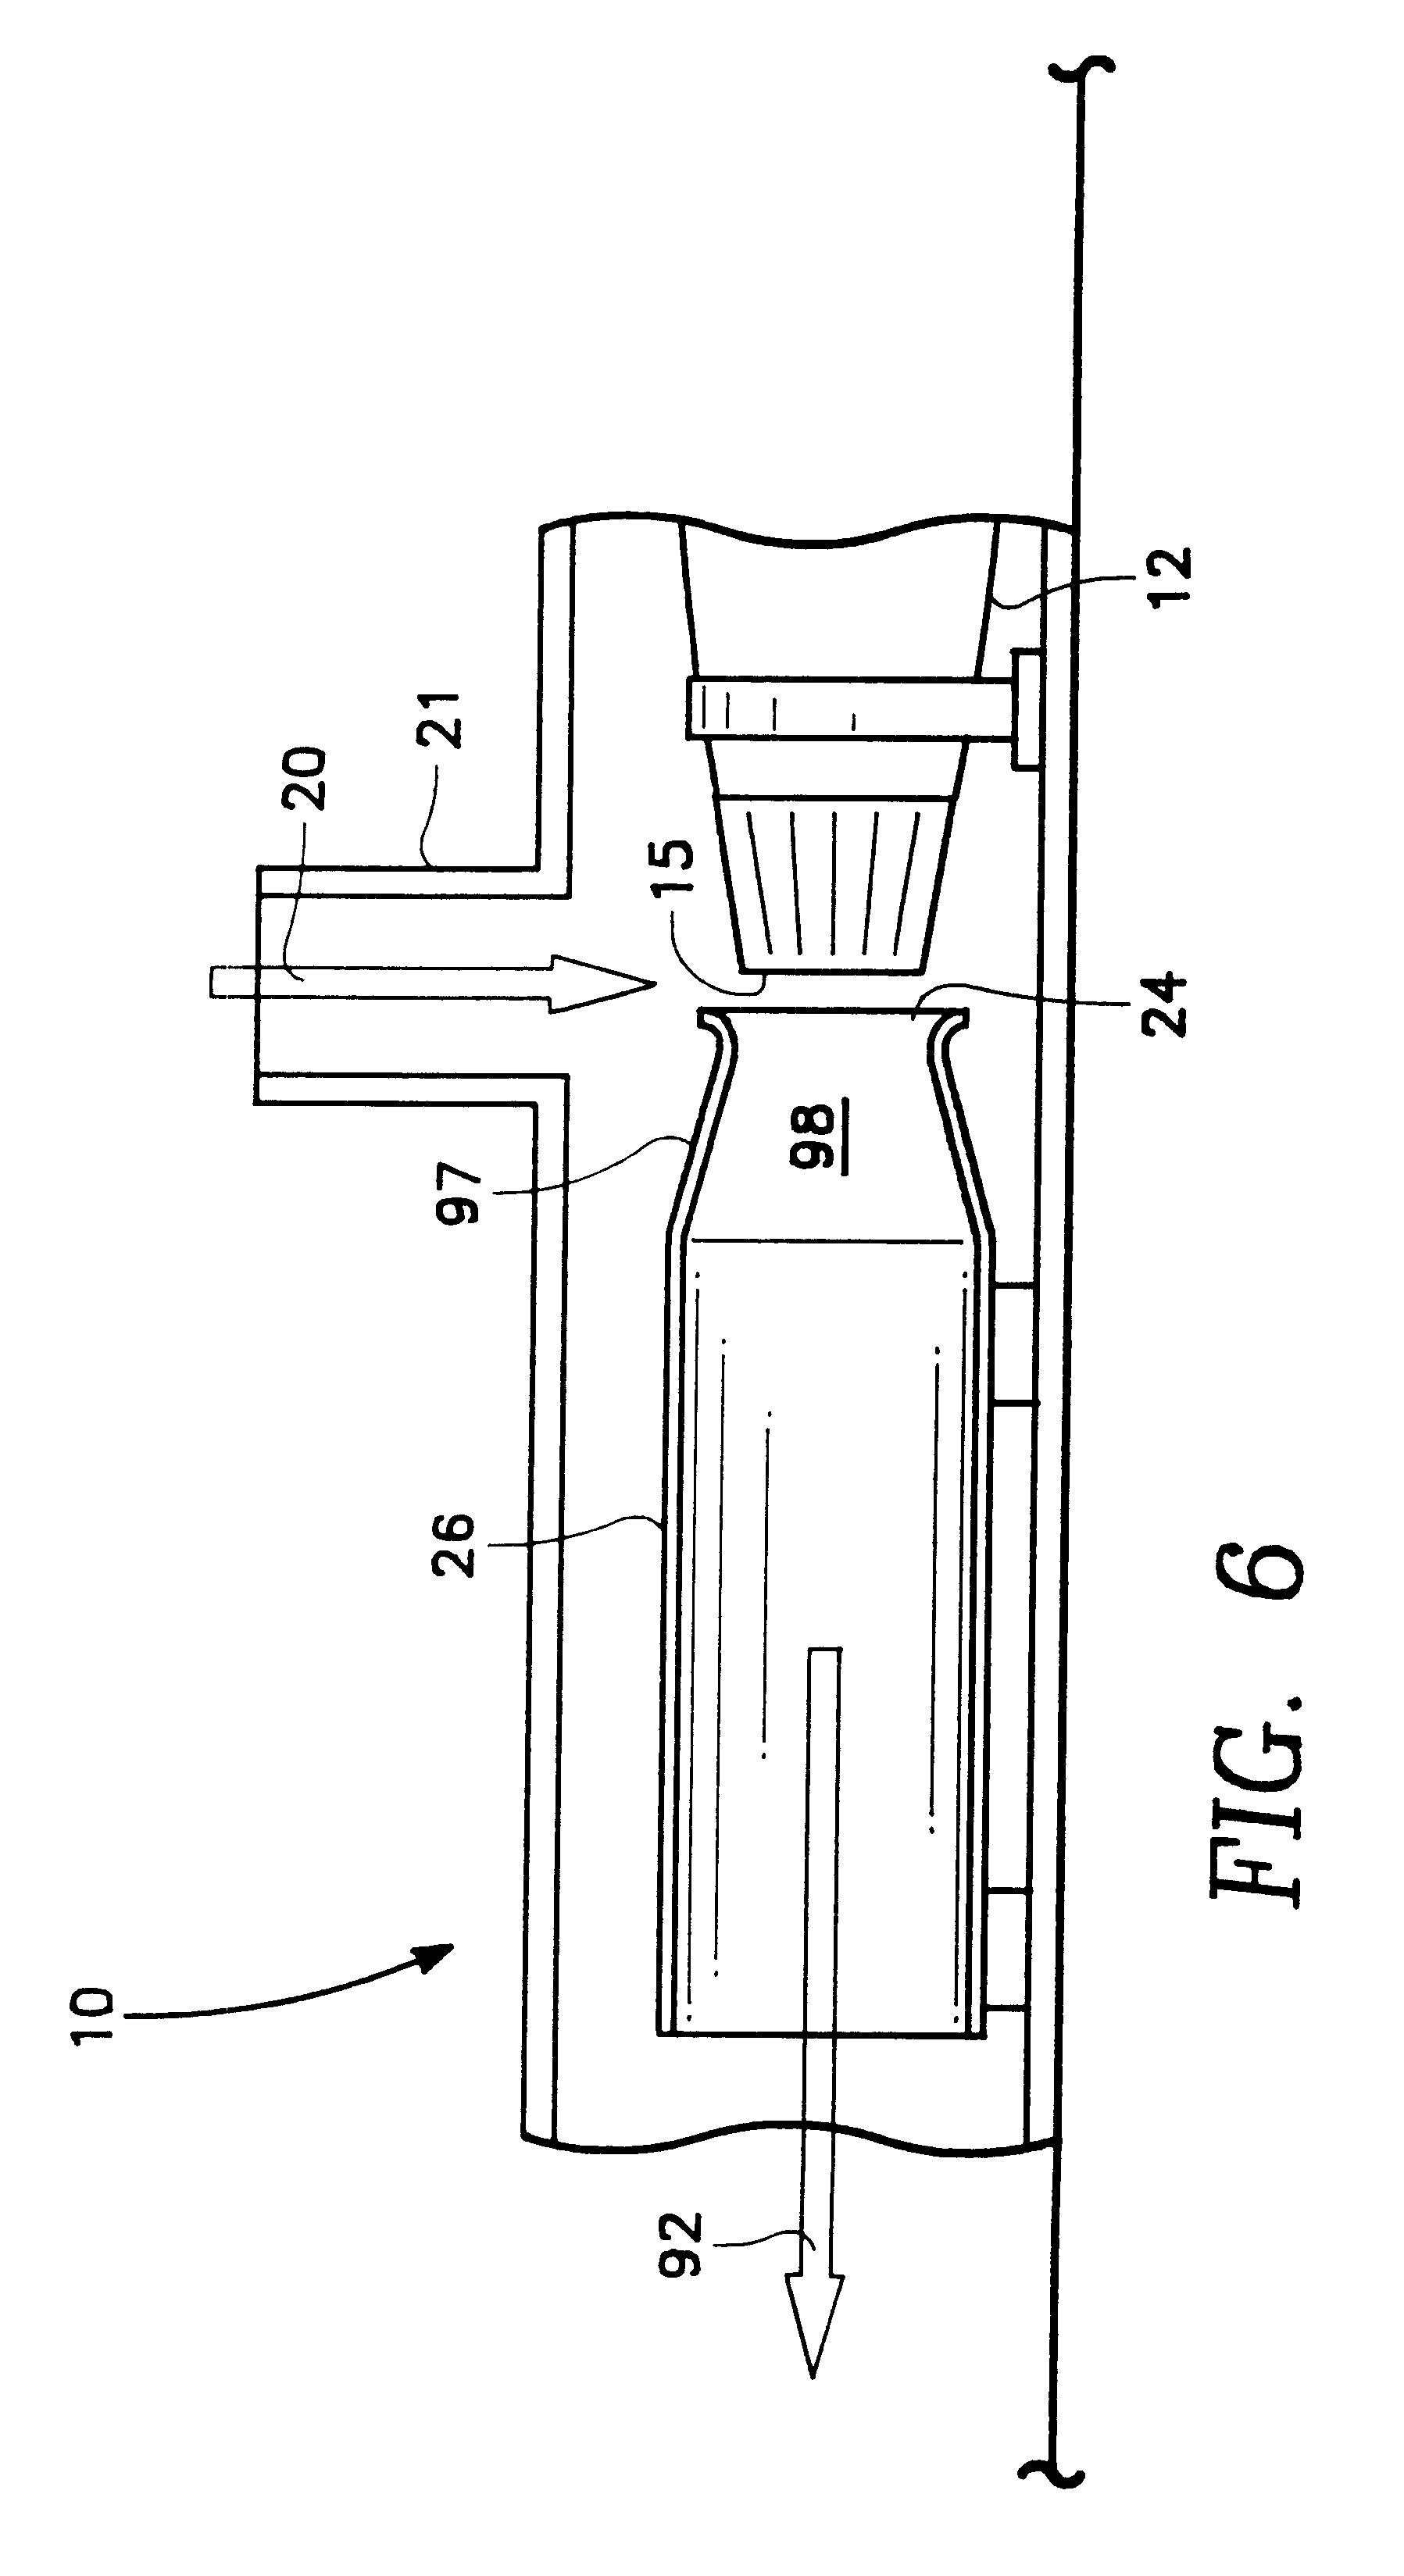 Jet Engine Sound